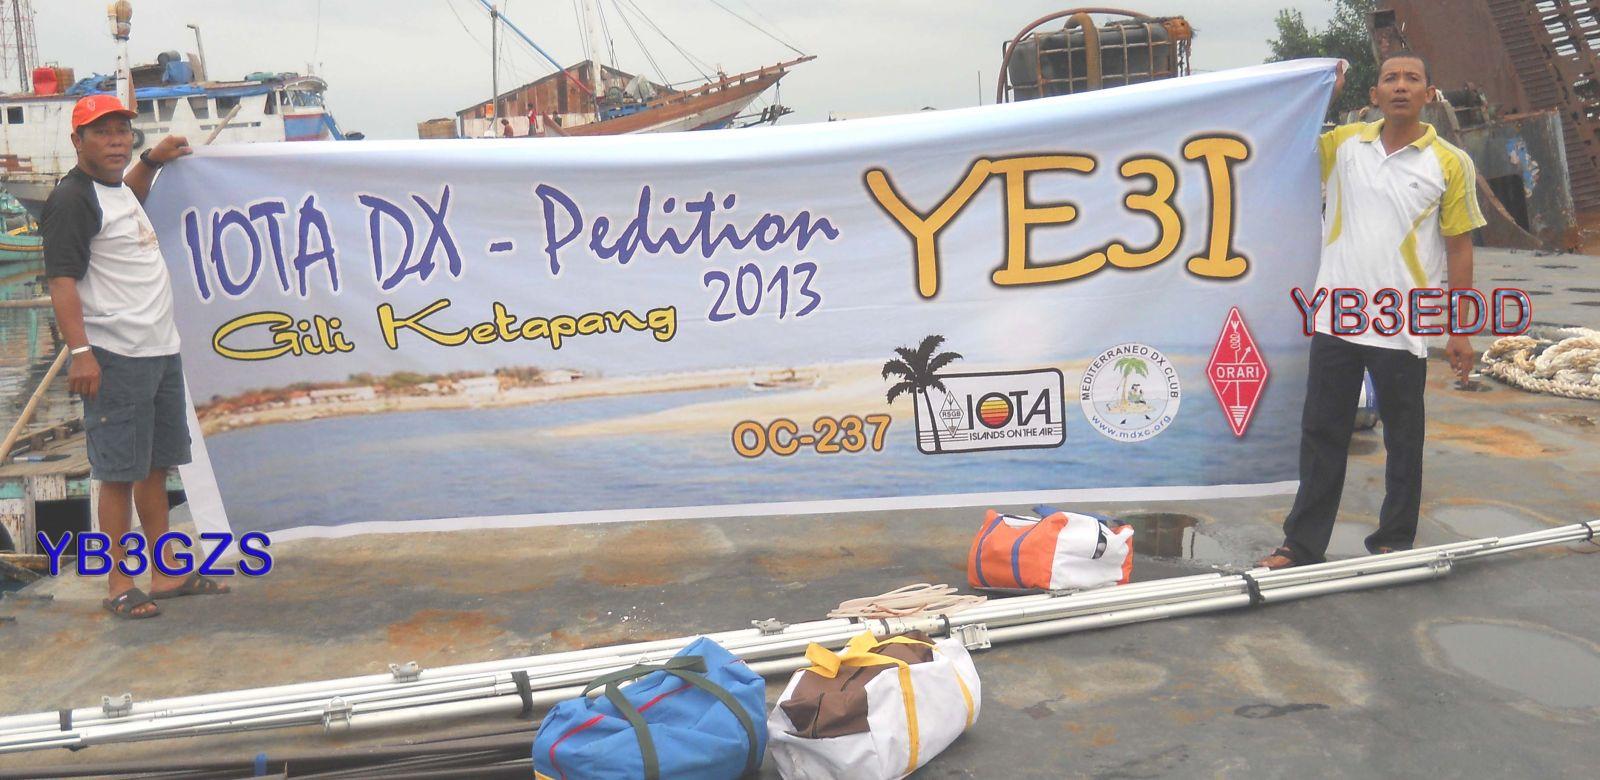 Gili Ketapang Island YE3I DX News 2013